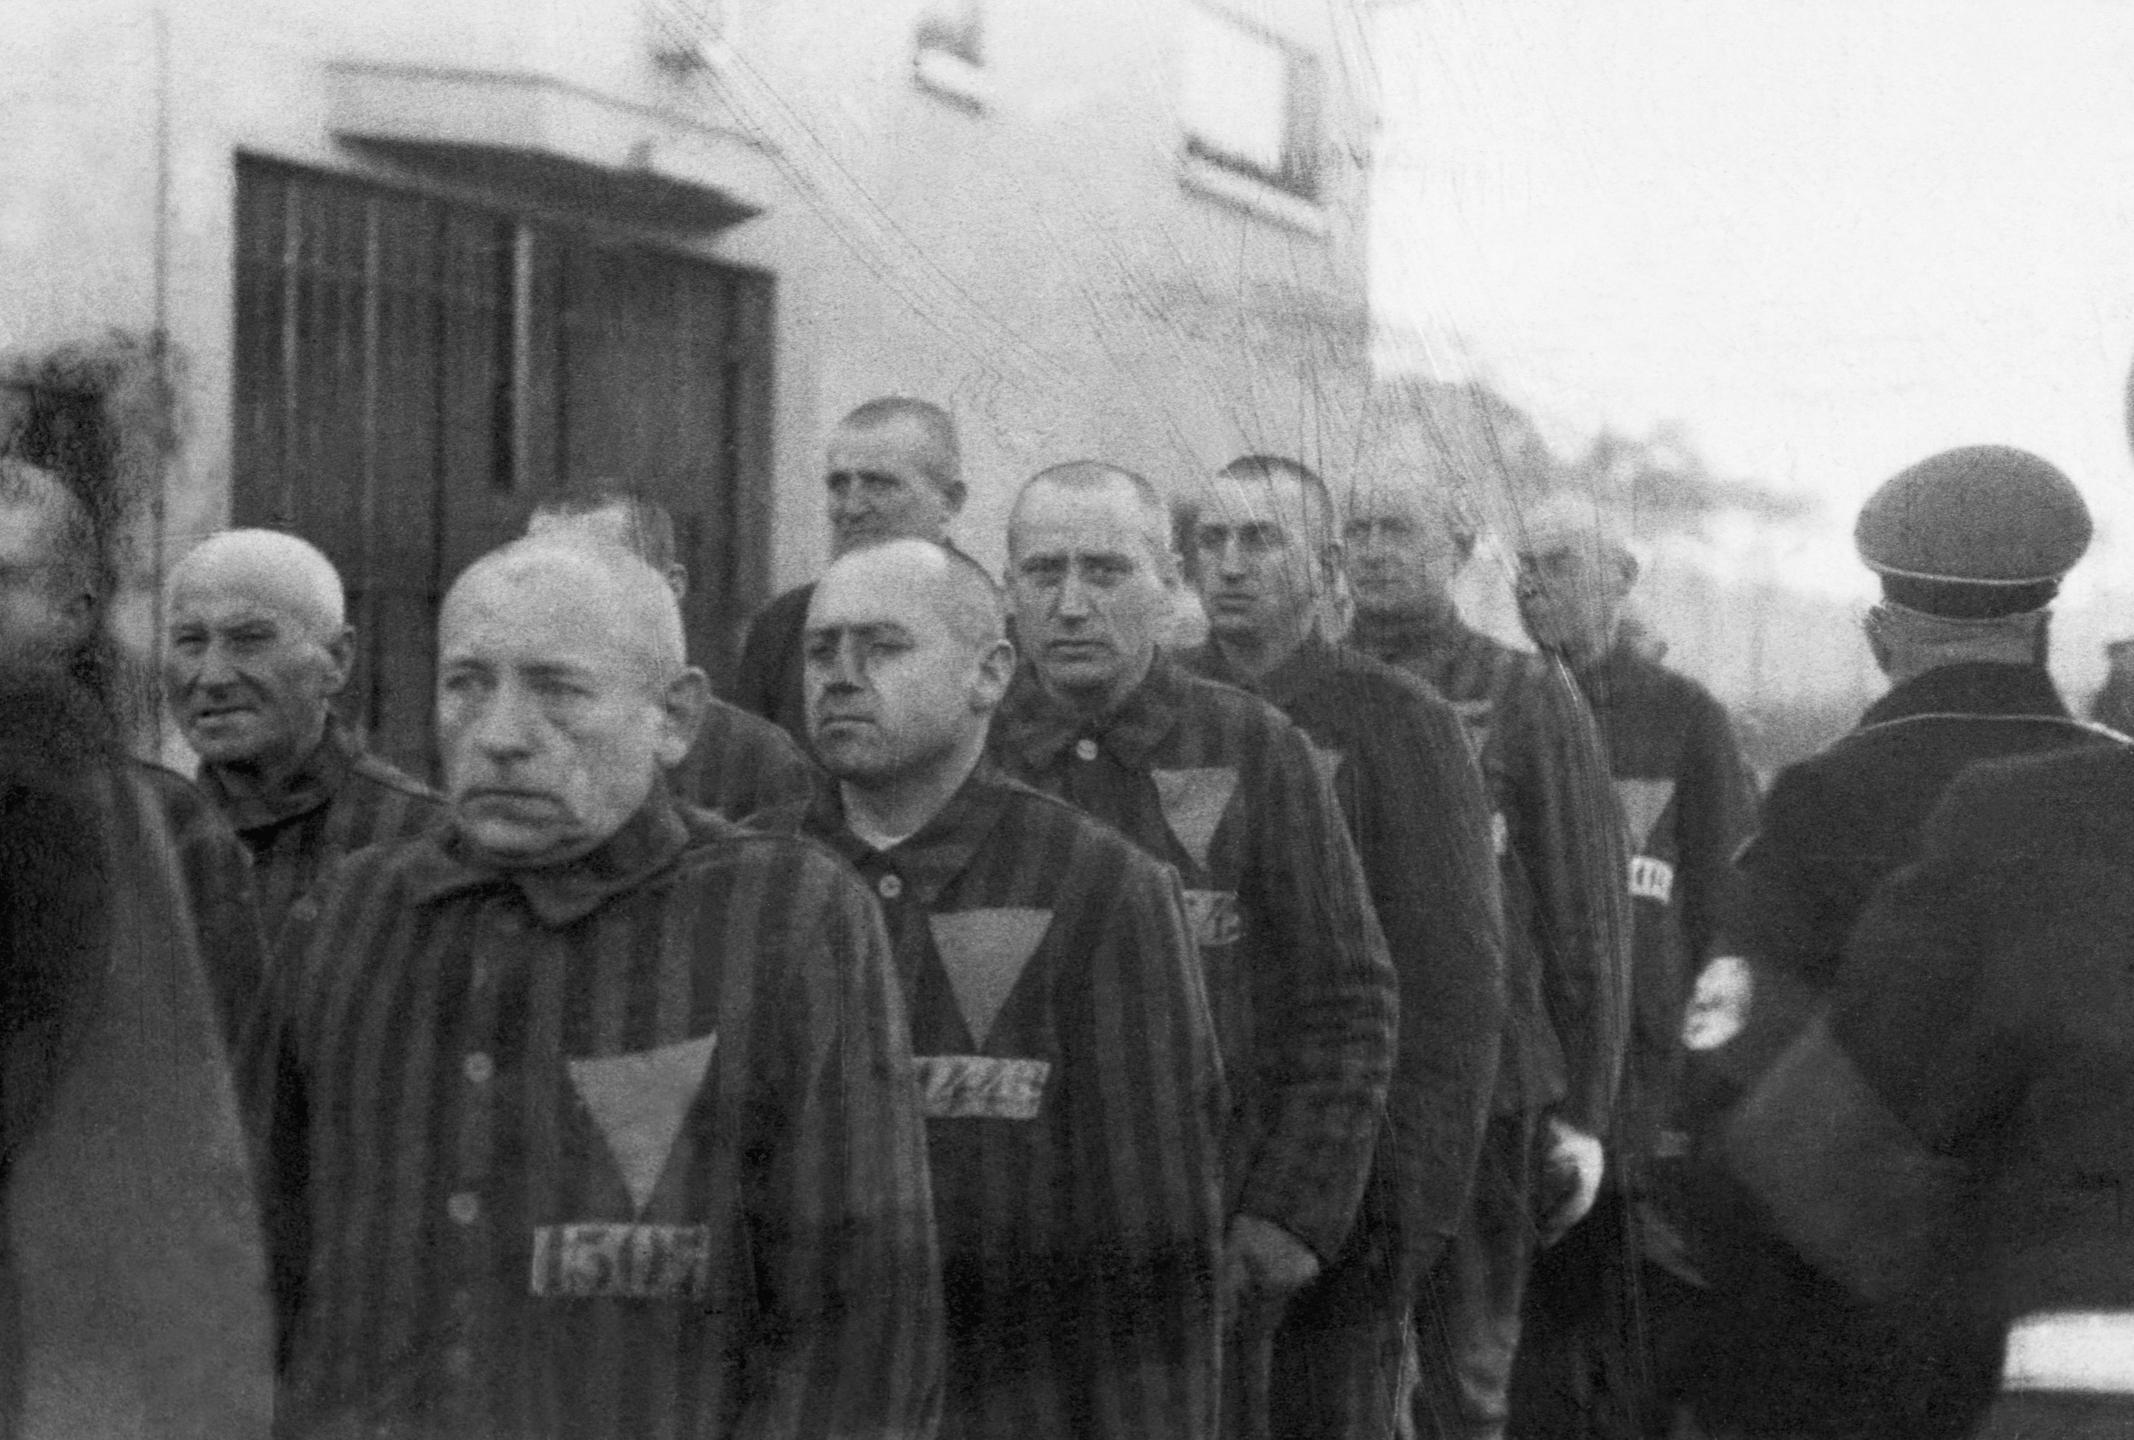 Prisonniers dans le camp de concentration de Sachsenhausen